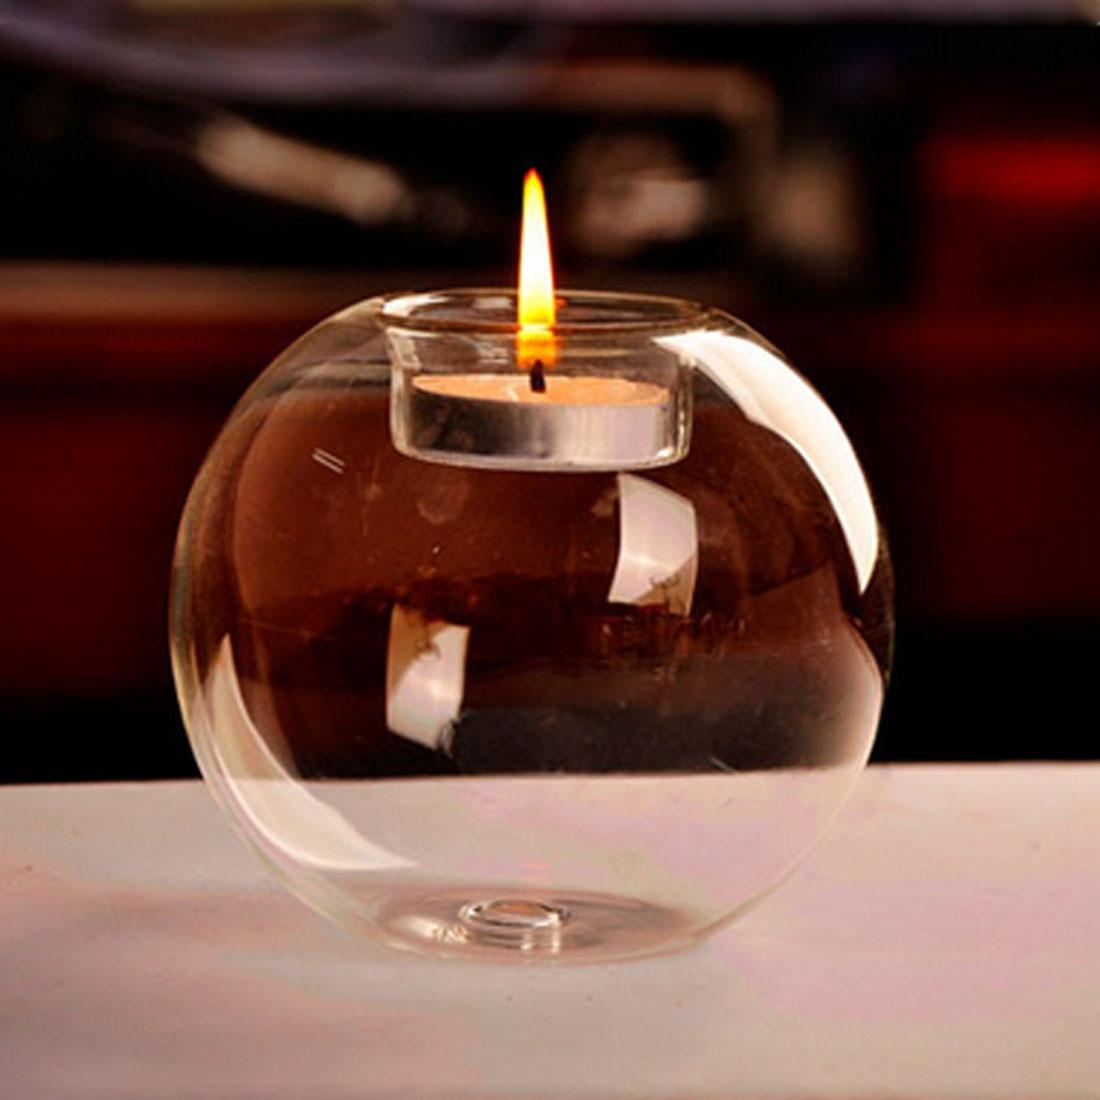 Haus & Garten Sammlung Hier Tragbare Transparent Klassische Kristall Glas Kerzenhalter Hochzeit Bar Party Home Decor Kerzenhalter Reich An Poetischer Und Bildlicher Pracht